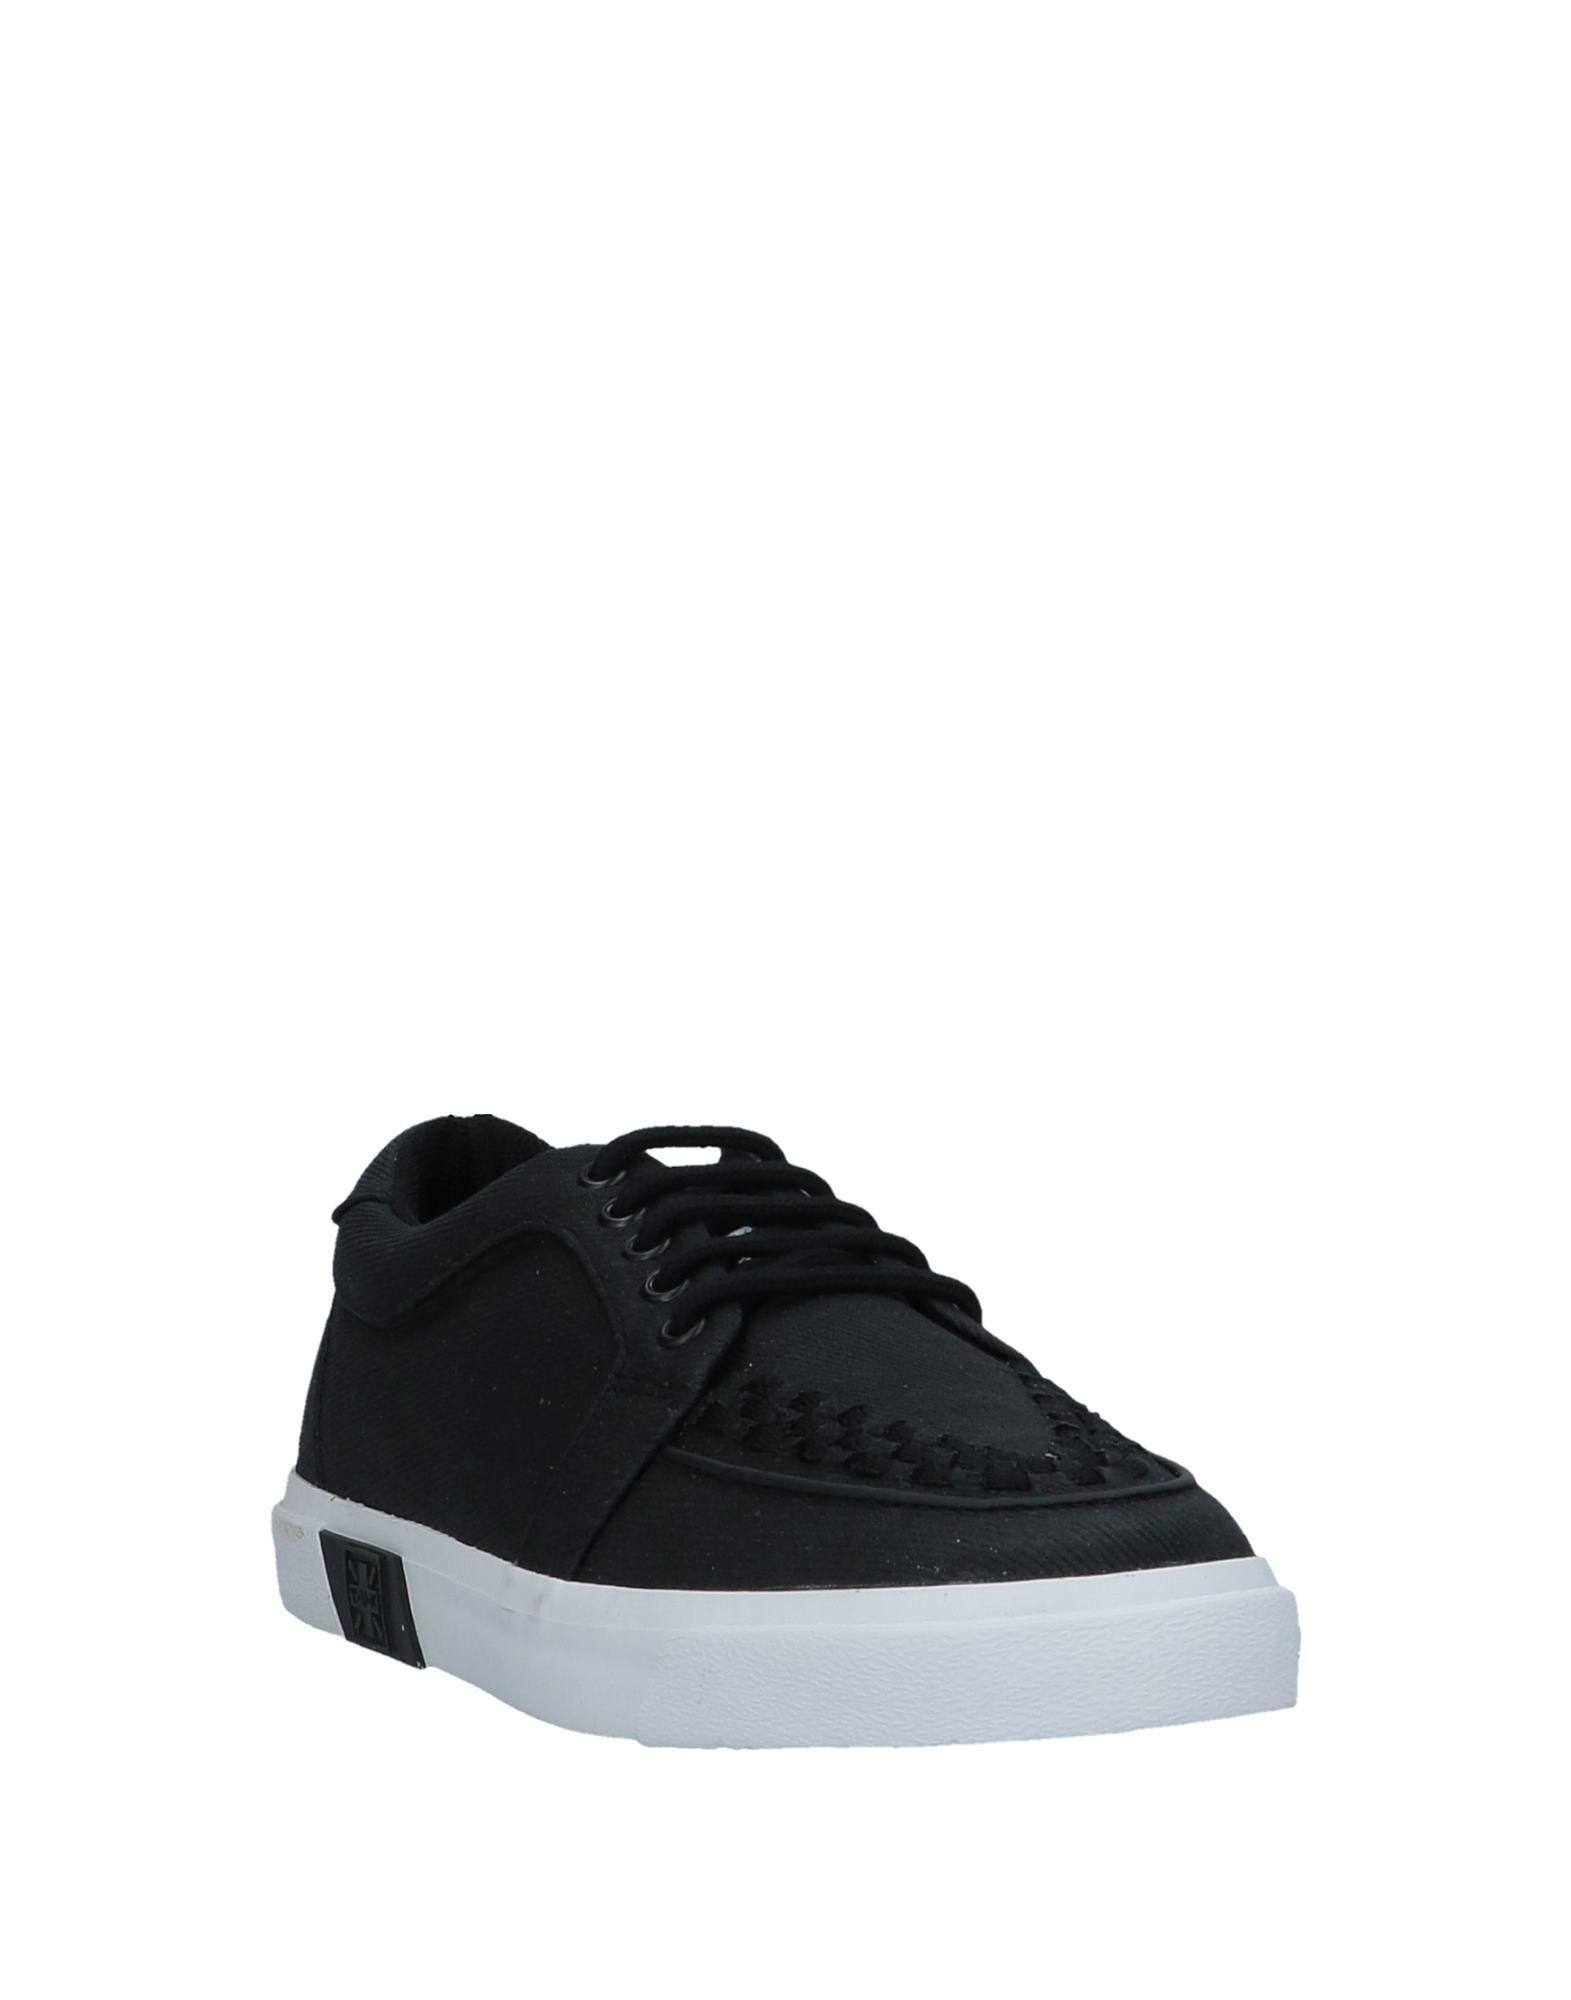 T.U.K Sneakers Damen   Damen 11522506NR  dd98ff